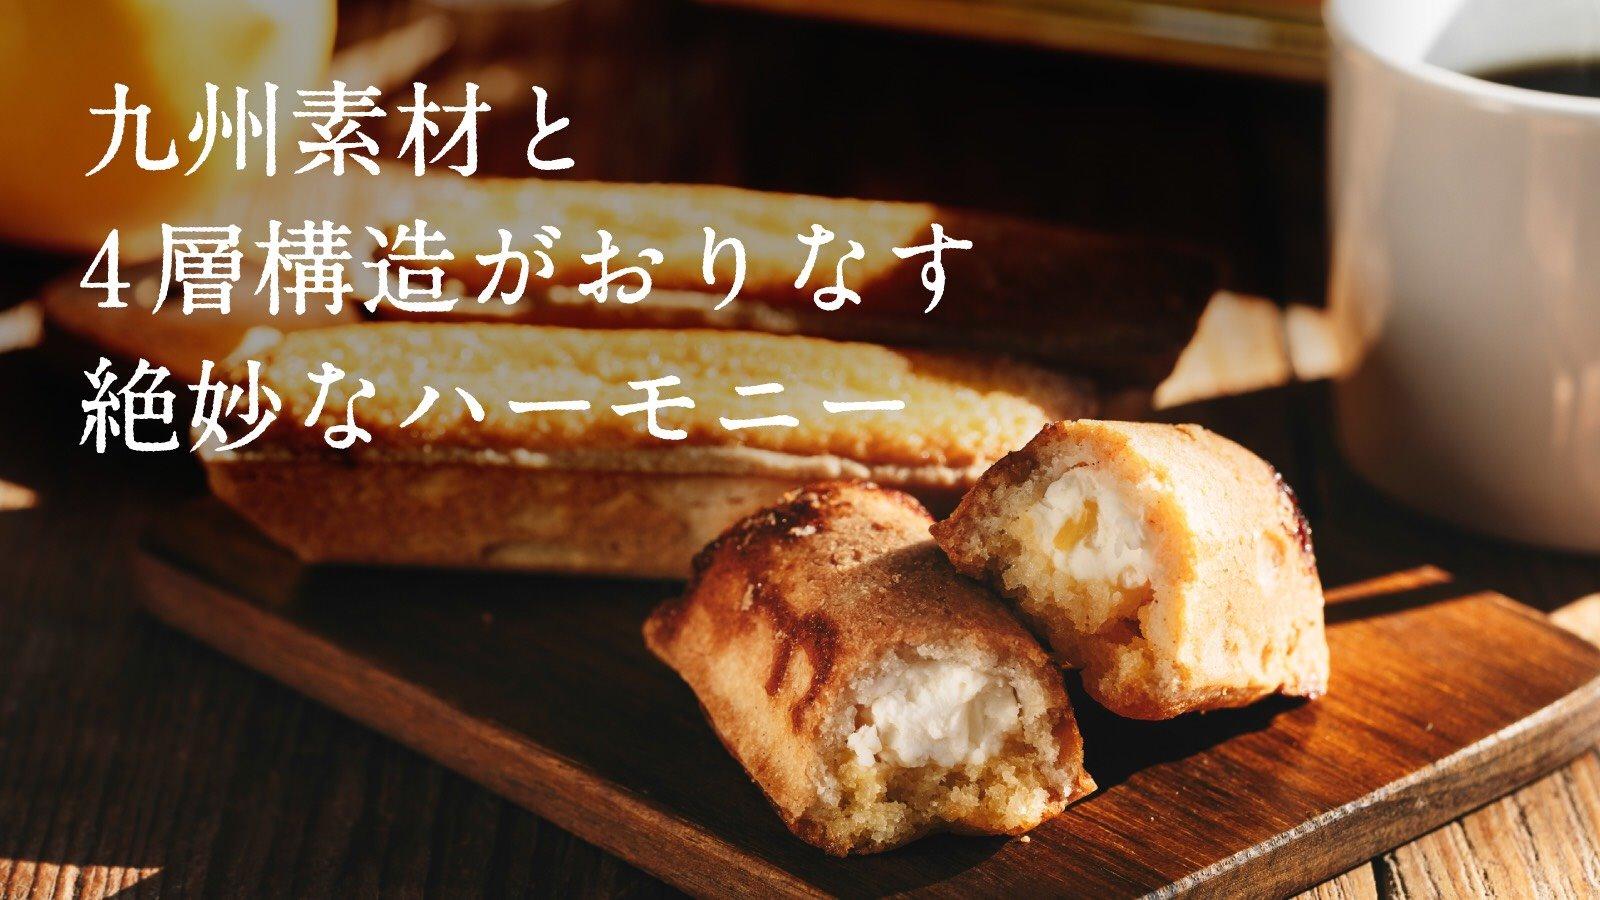 九州産小麦と雑穀の風味豊かな「九州チーズタルト」が誕生!焼きたてをいち早くご家庭にお届けするクラウドファンディング先行予約がスタート。